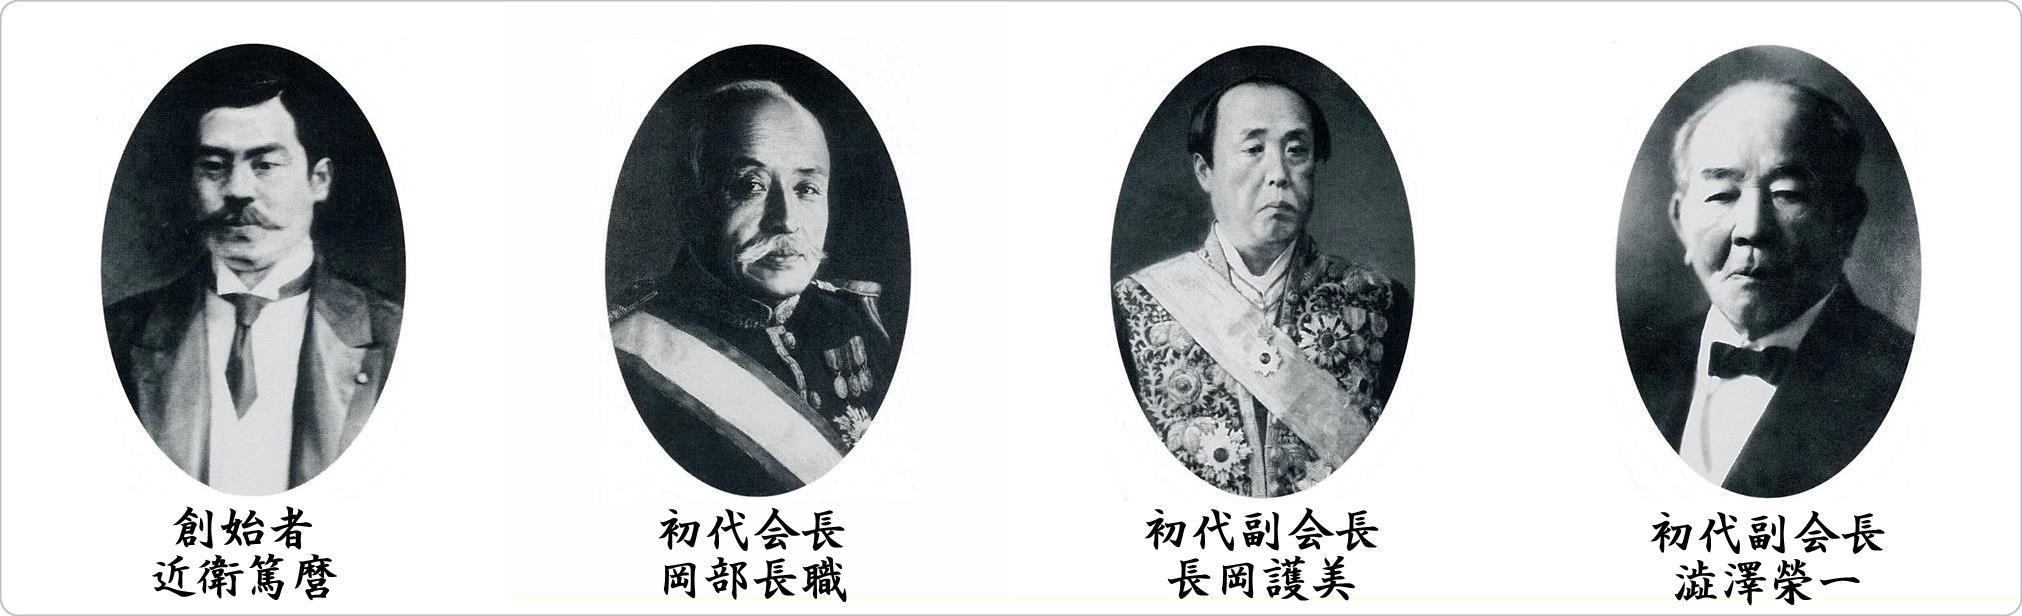 http://nihonclub.top-page.jp/user/filer_public/50/a8/50a8ad59-28de-4110-8006-4b1536be2426/chuang-shi-zhe-13.jpg